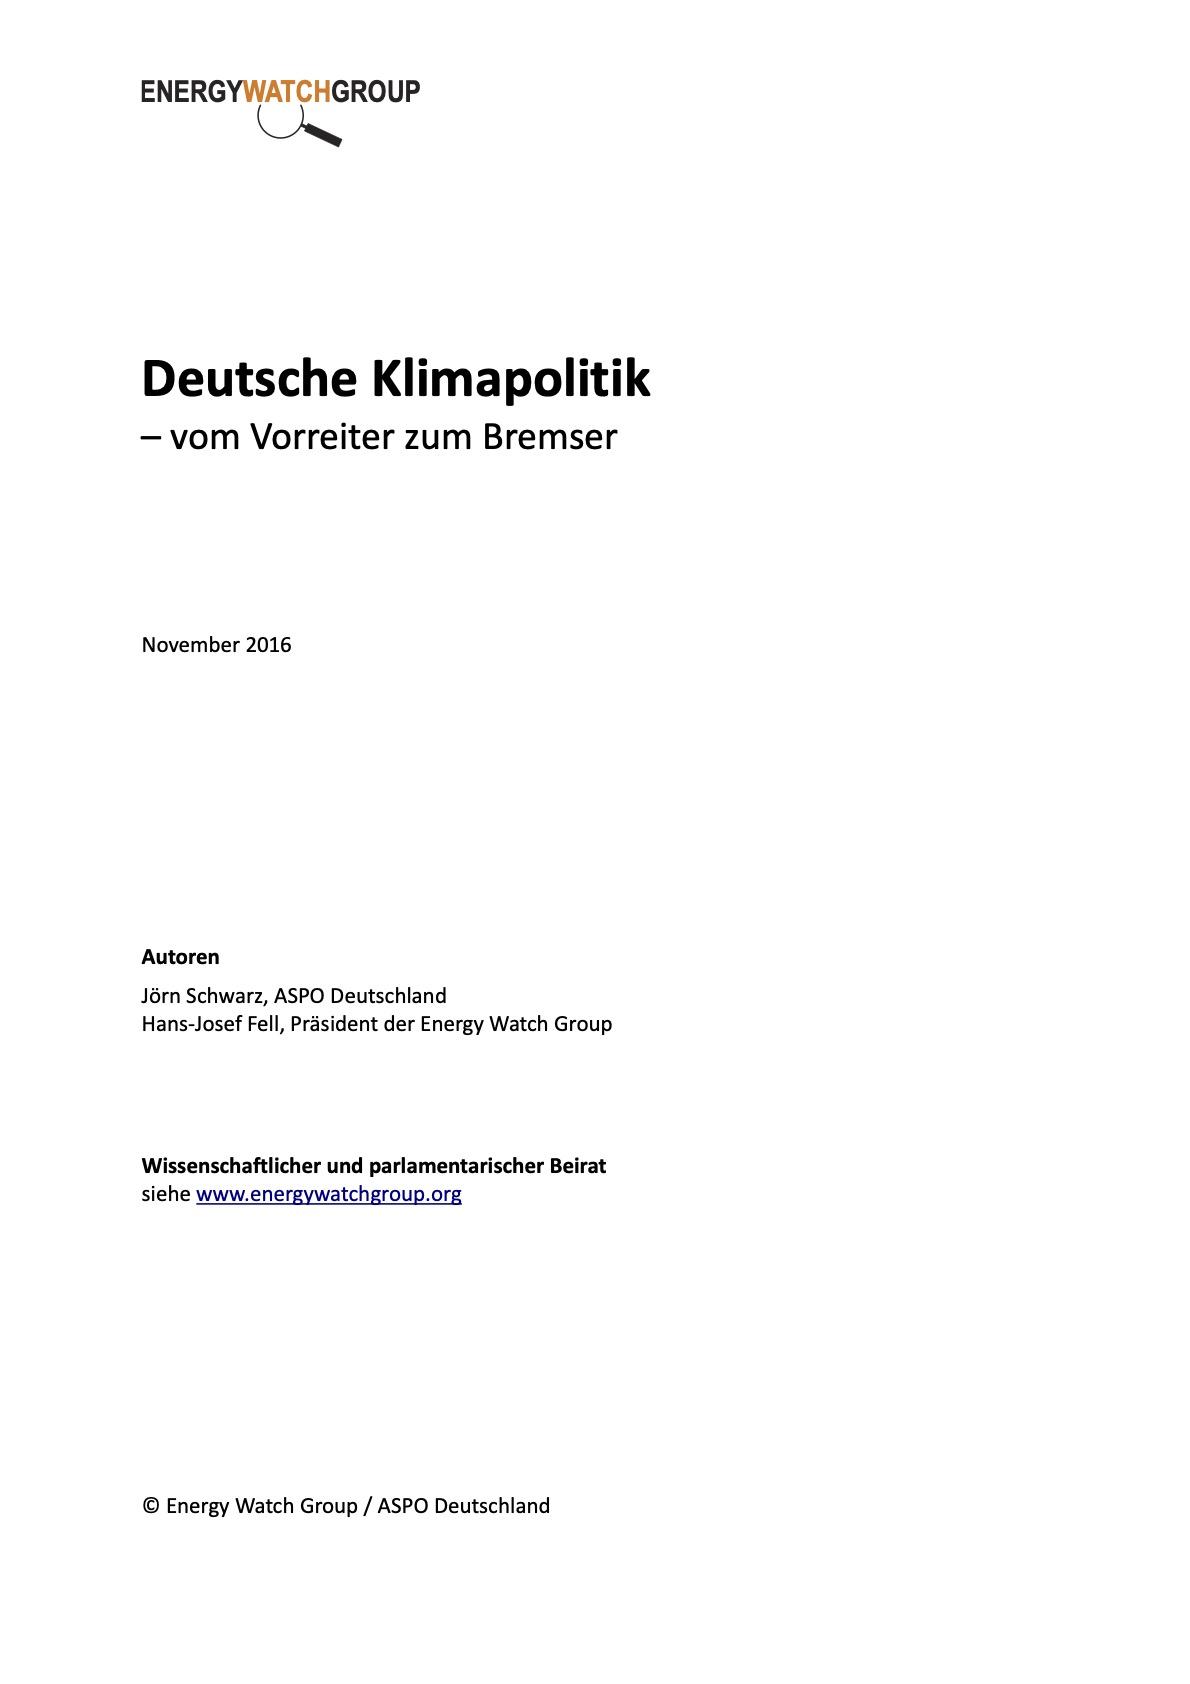 EWG-Klimapolitik-Deutschland-Nov-2016